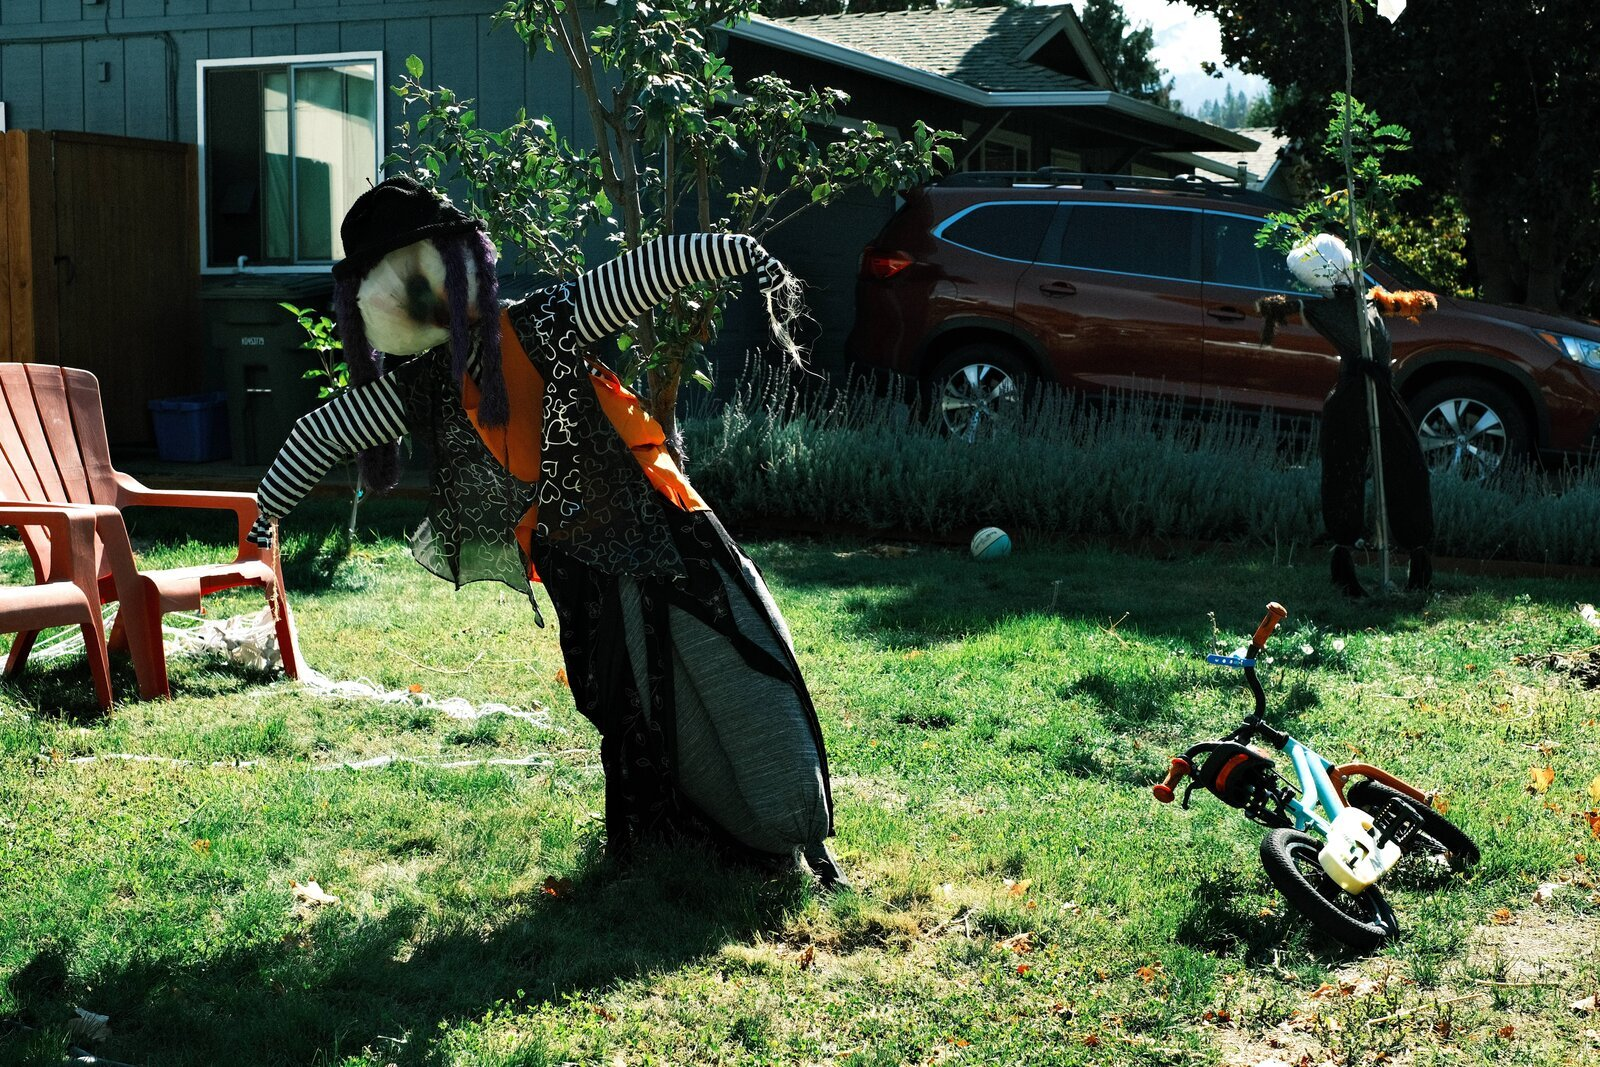 XPro3_Oct6_21_Halloween_Mannequin#2.jpg